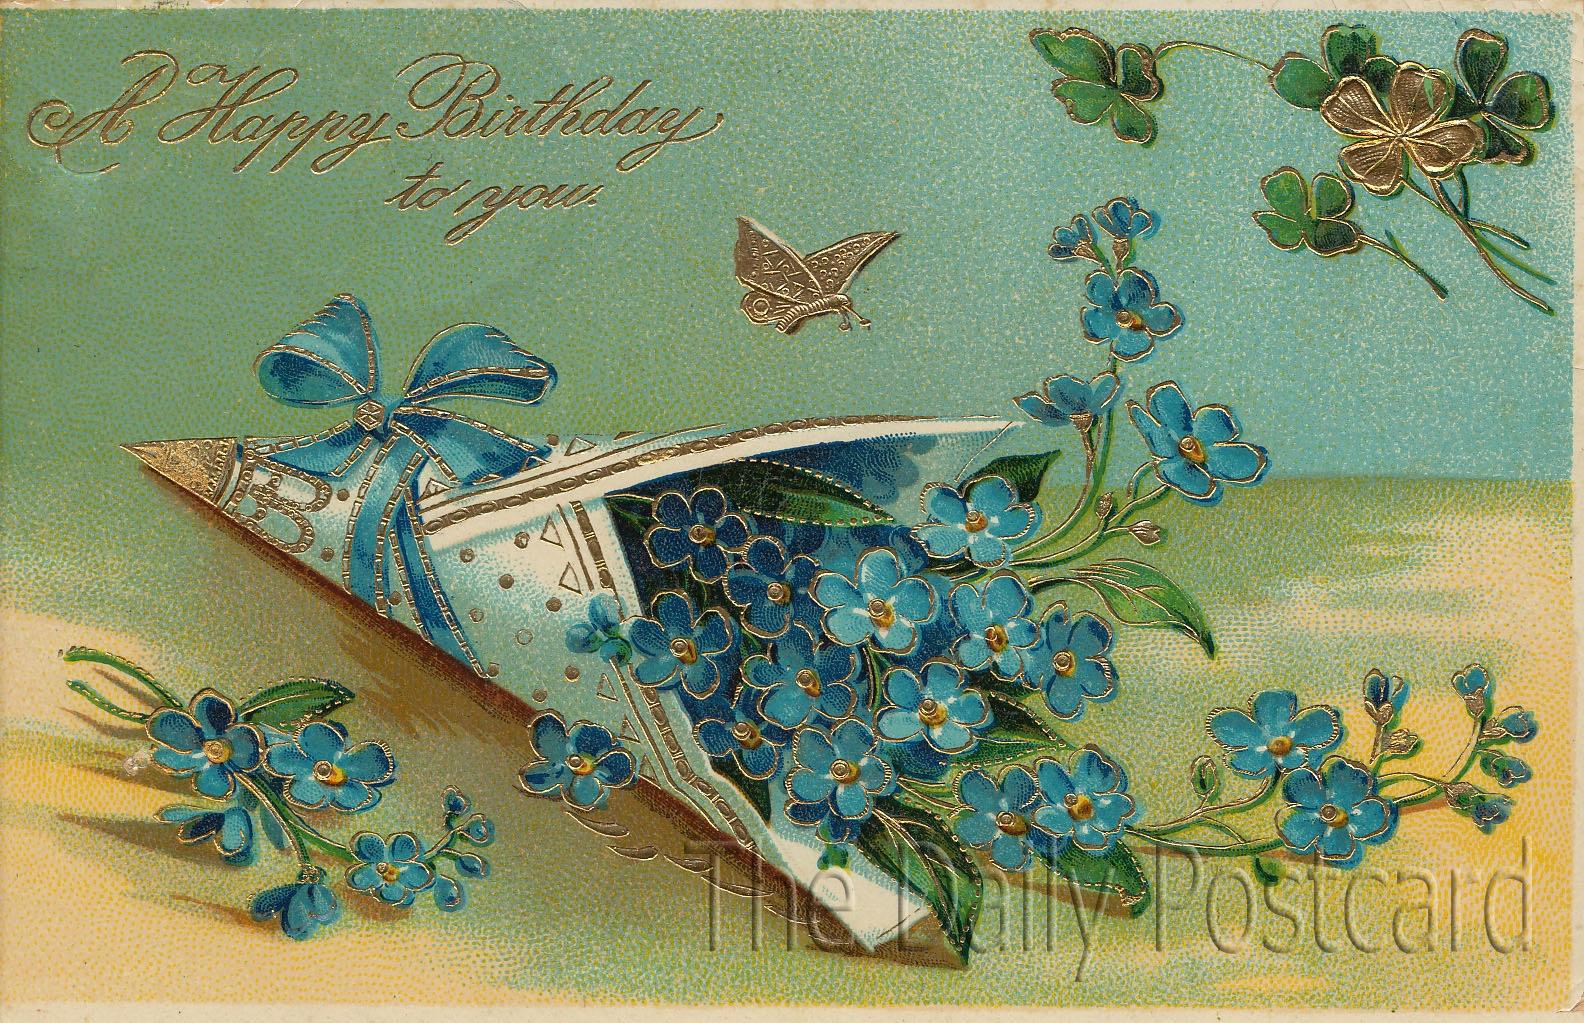 С днем рождения женщине на французском открытка